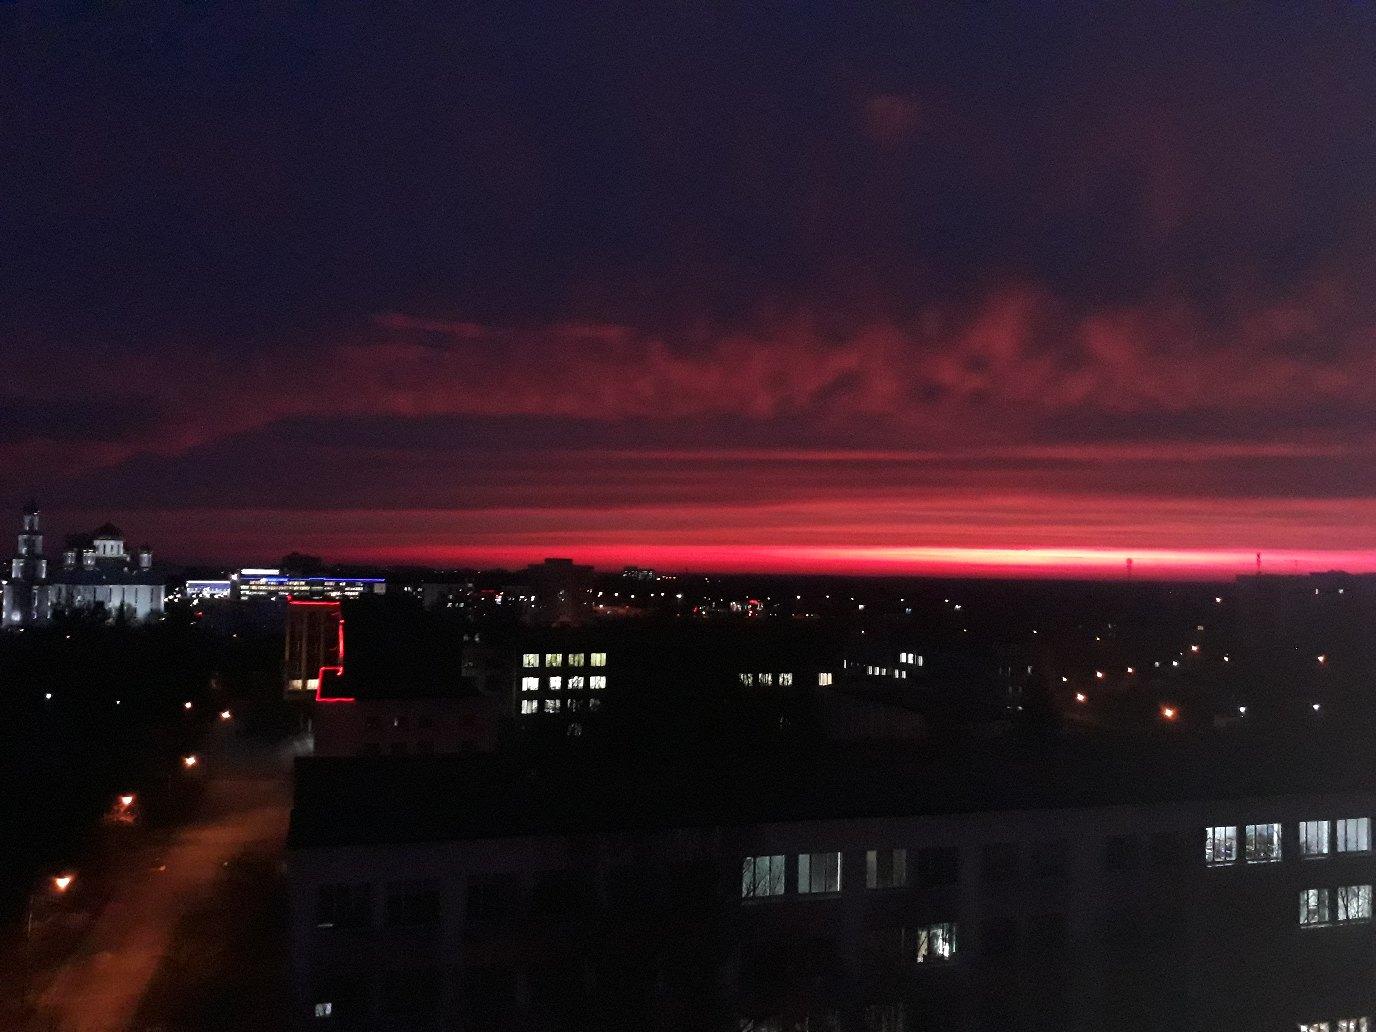 """Вам понравился сегодняшний """"кровавый"""" восход солнца? Не заметили? Тогда смотрите..."""